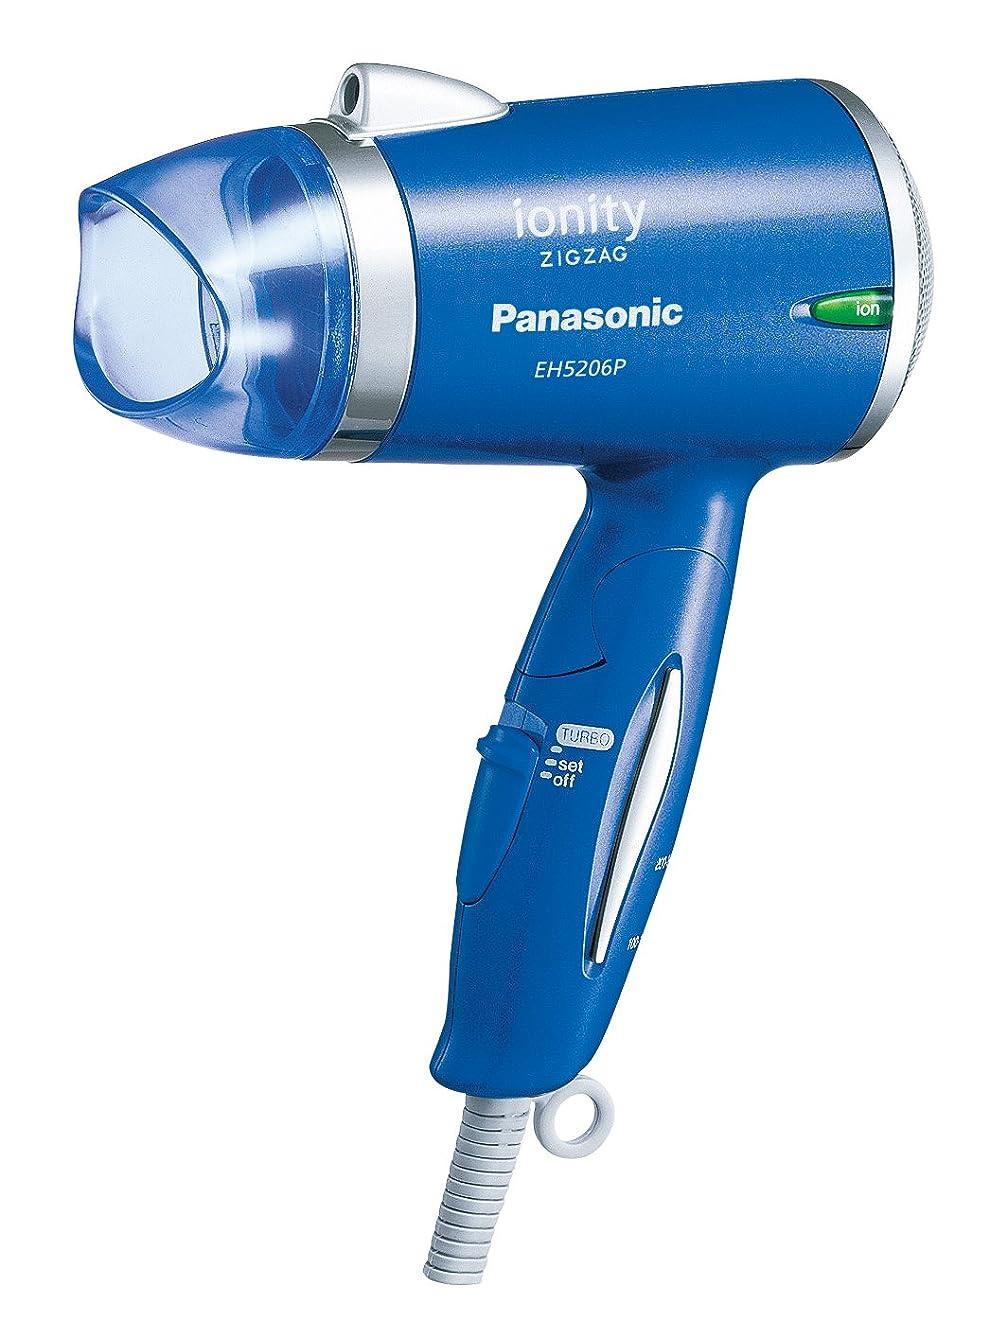 つなぐ期限近傍Panasonic イオニティ マイナスイオンZIGZAG ブルー EH5206P-A